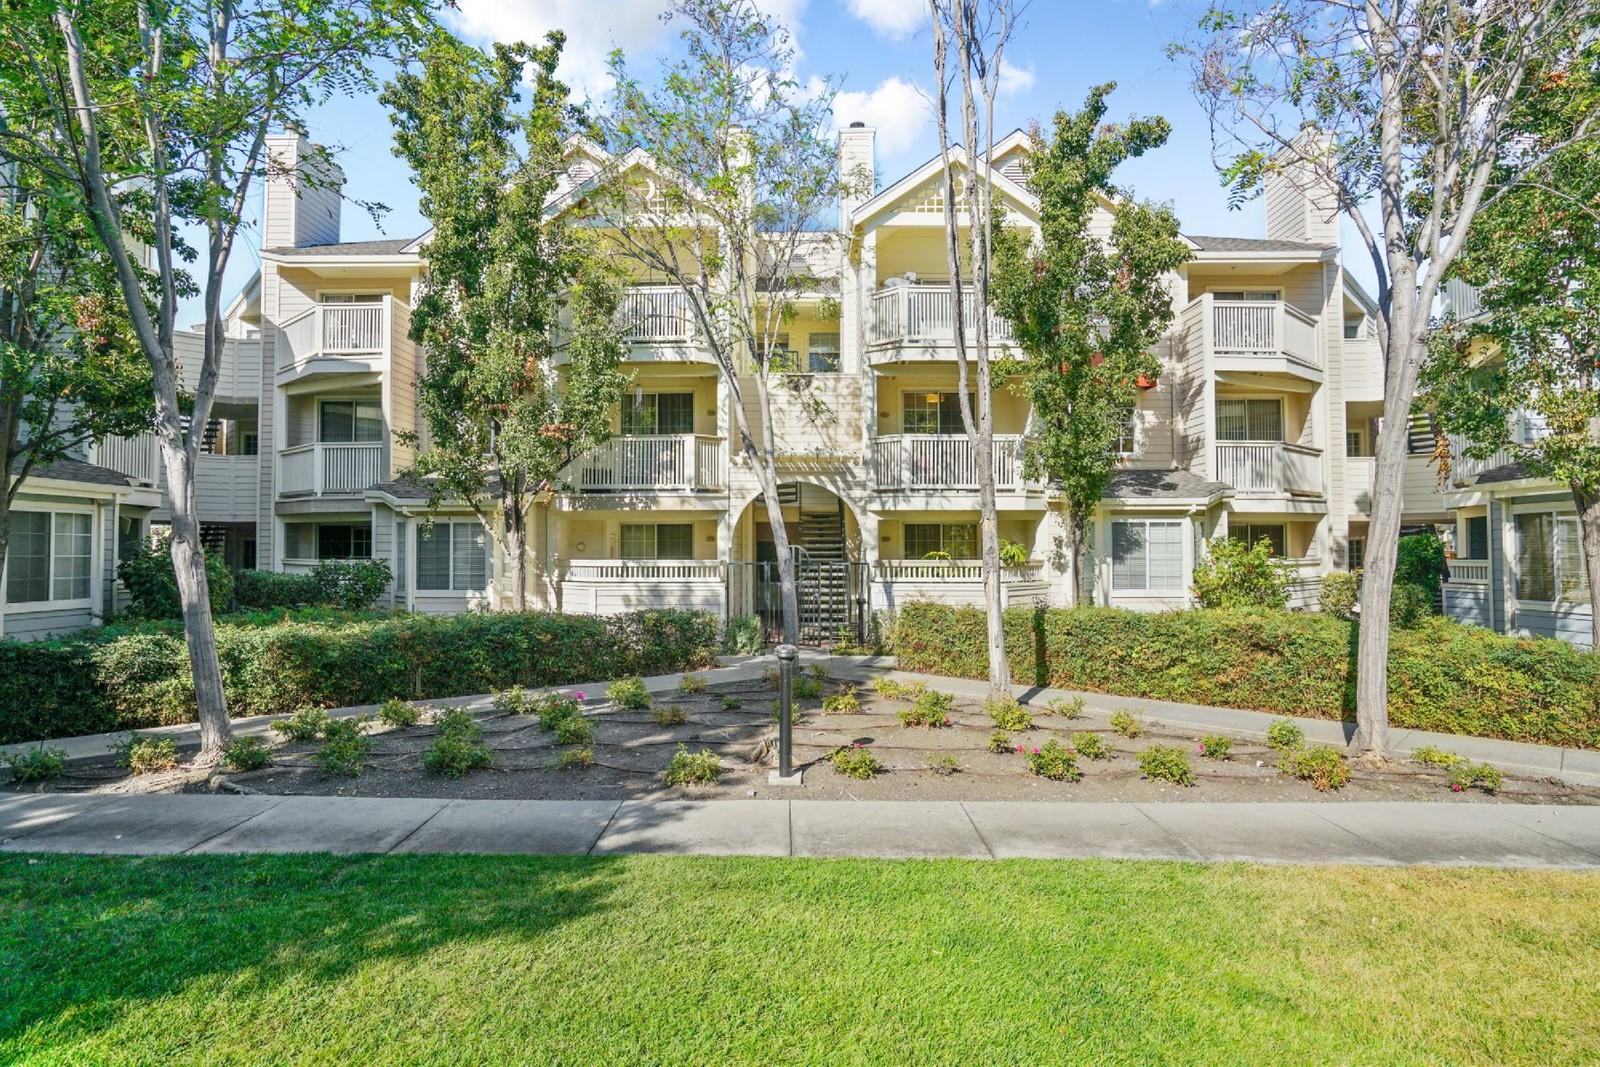 608 Arcadia Terrace Unit 202, Sunnyvale, California